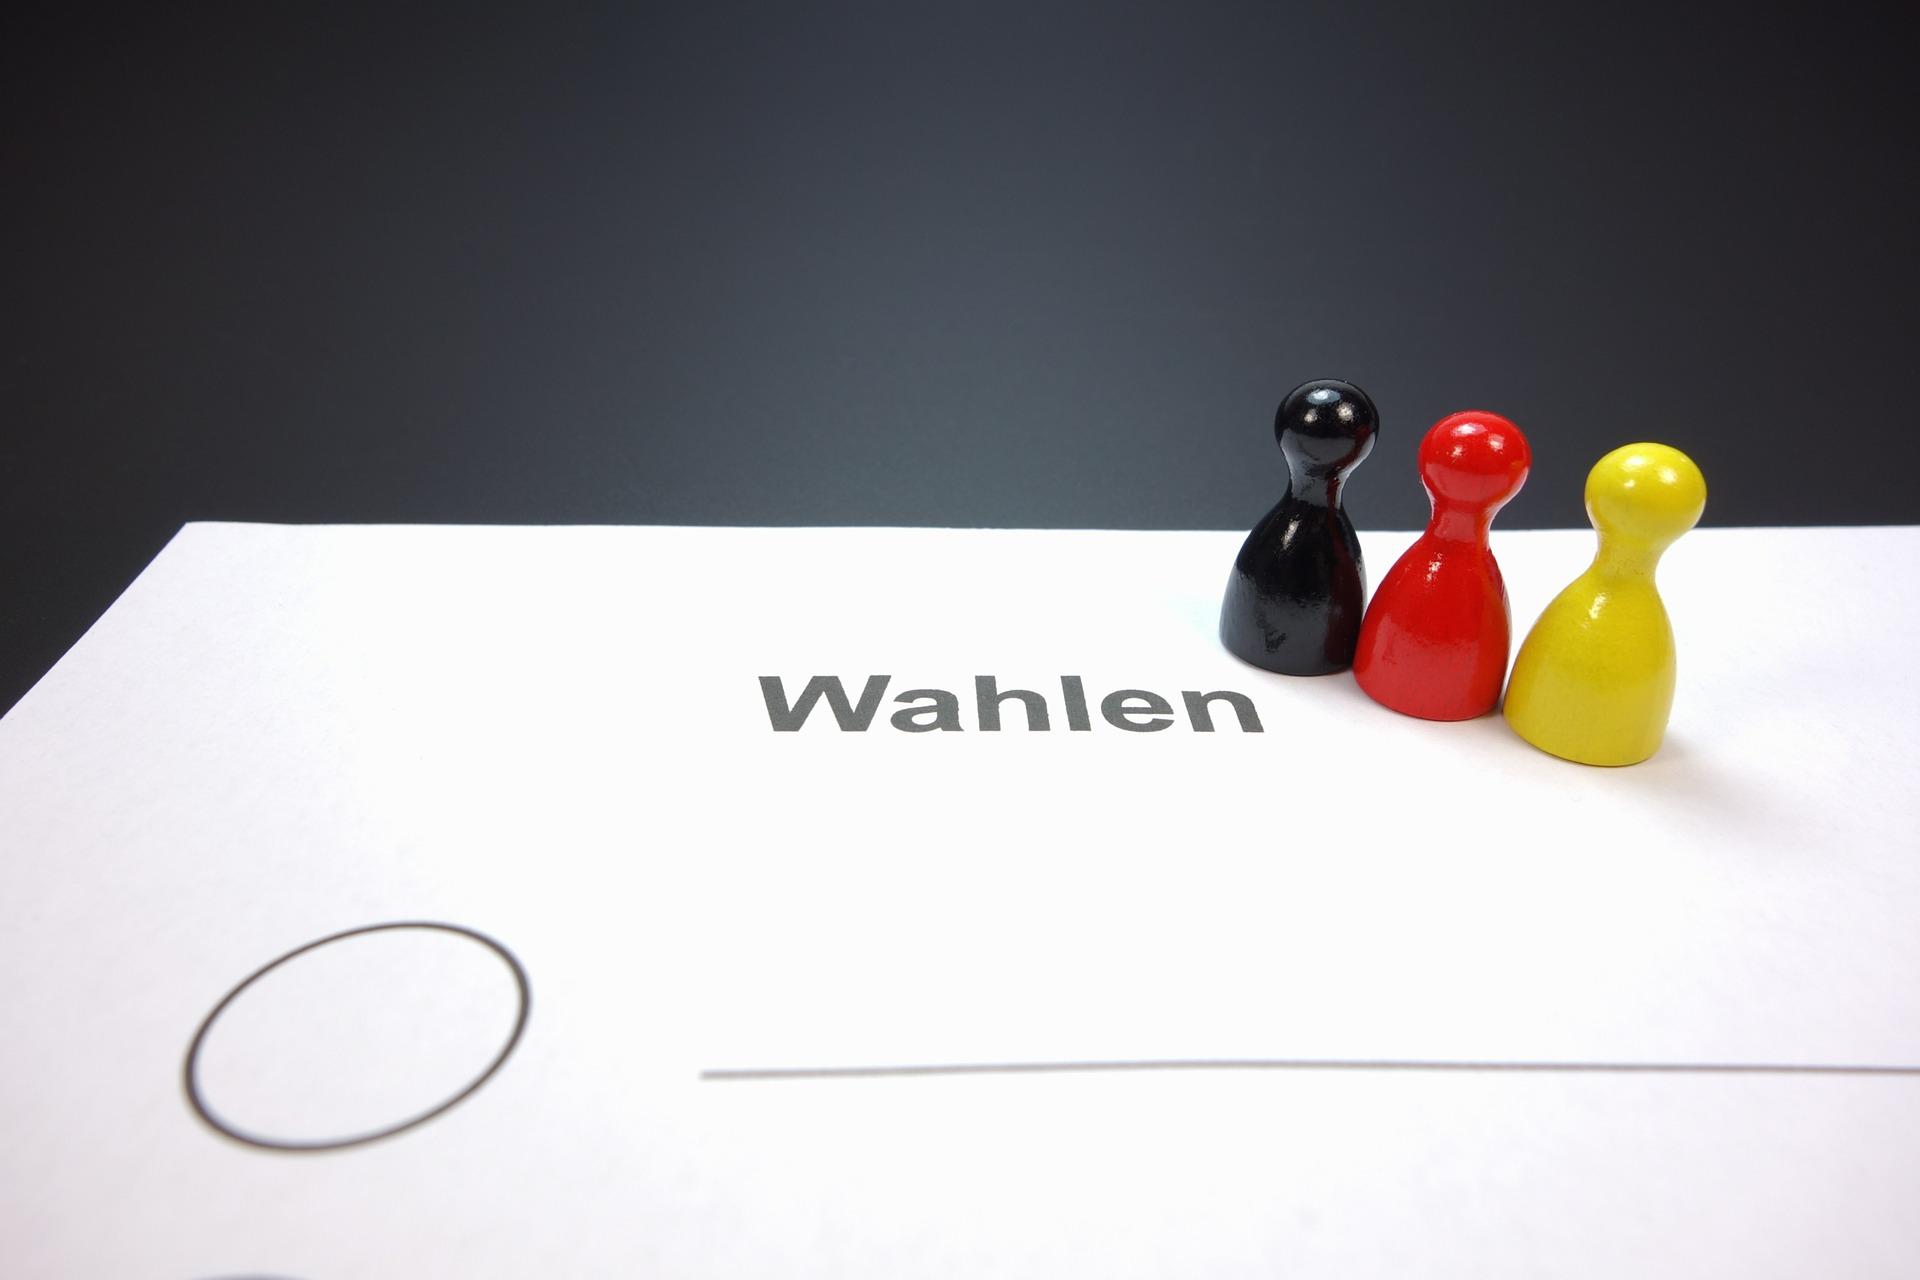 Unionsfraktion einigt sich auf Wahlrechtsreform – SPD soll zustimmen